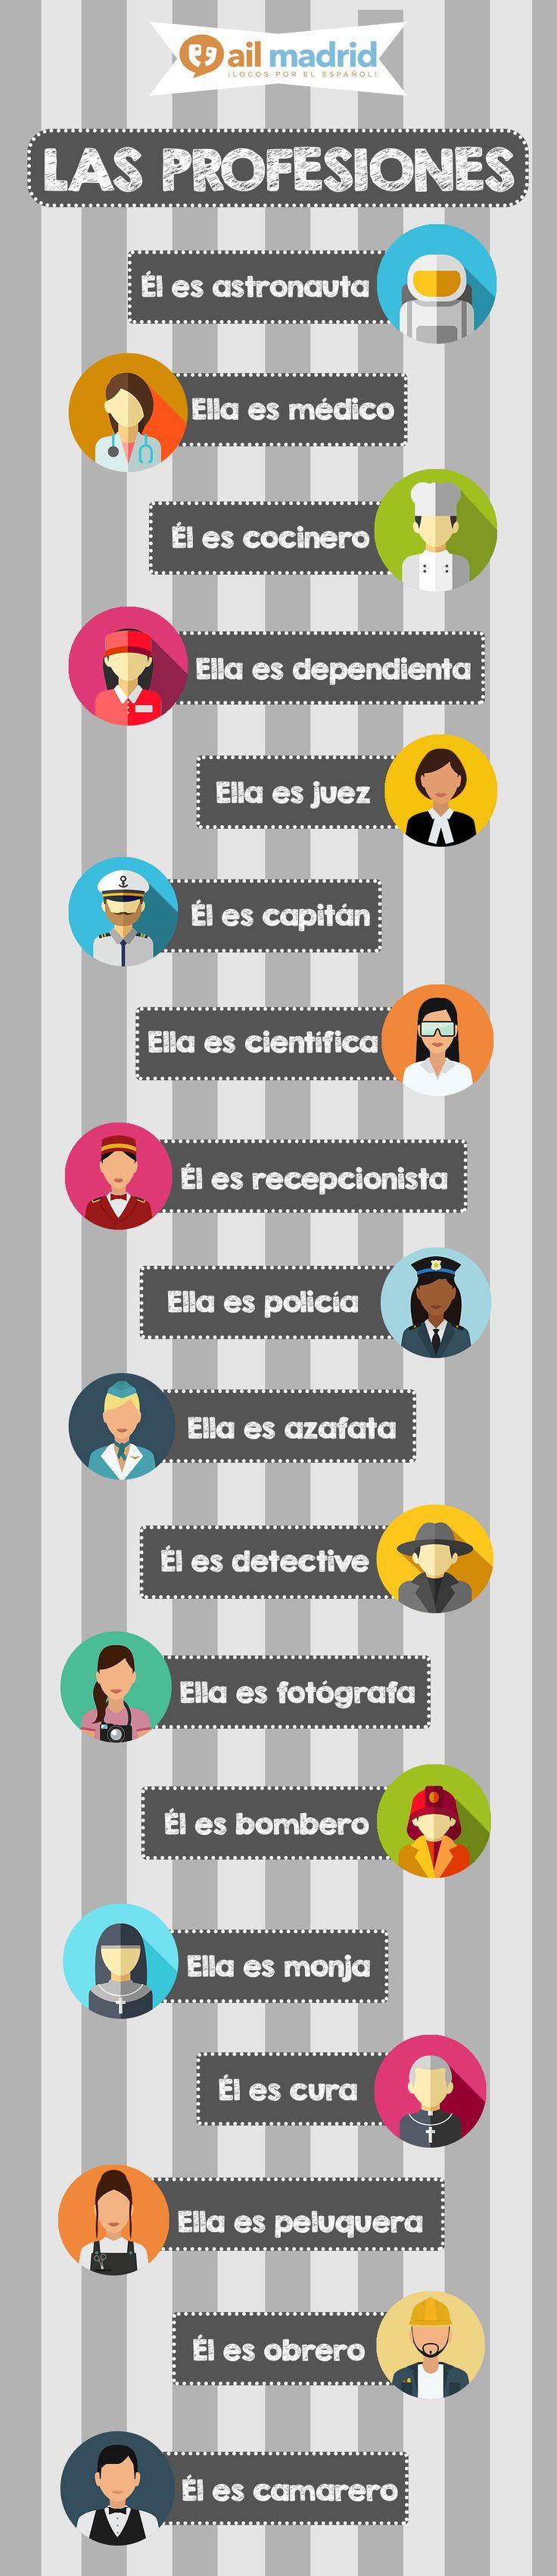 #lasprofesiones